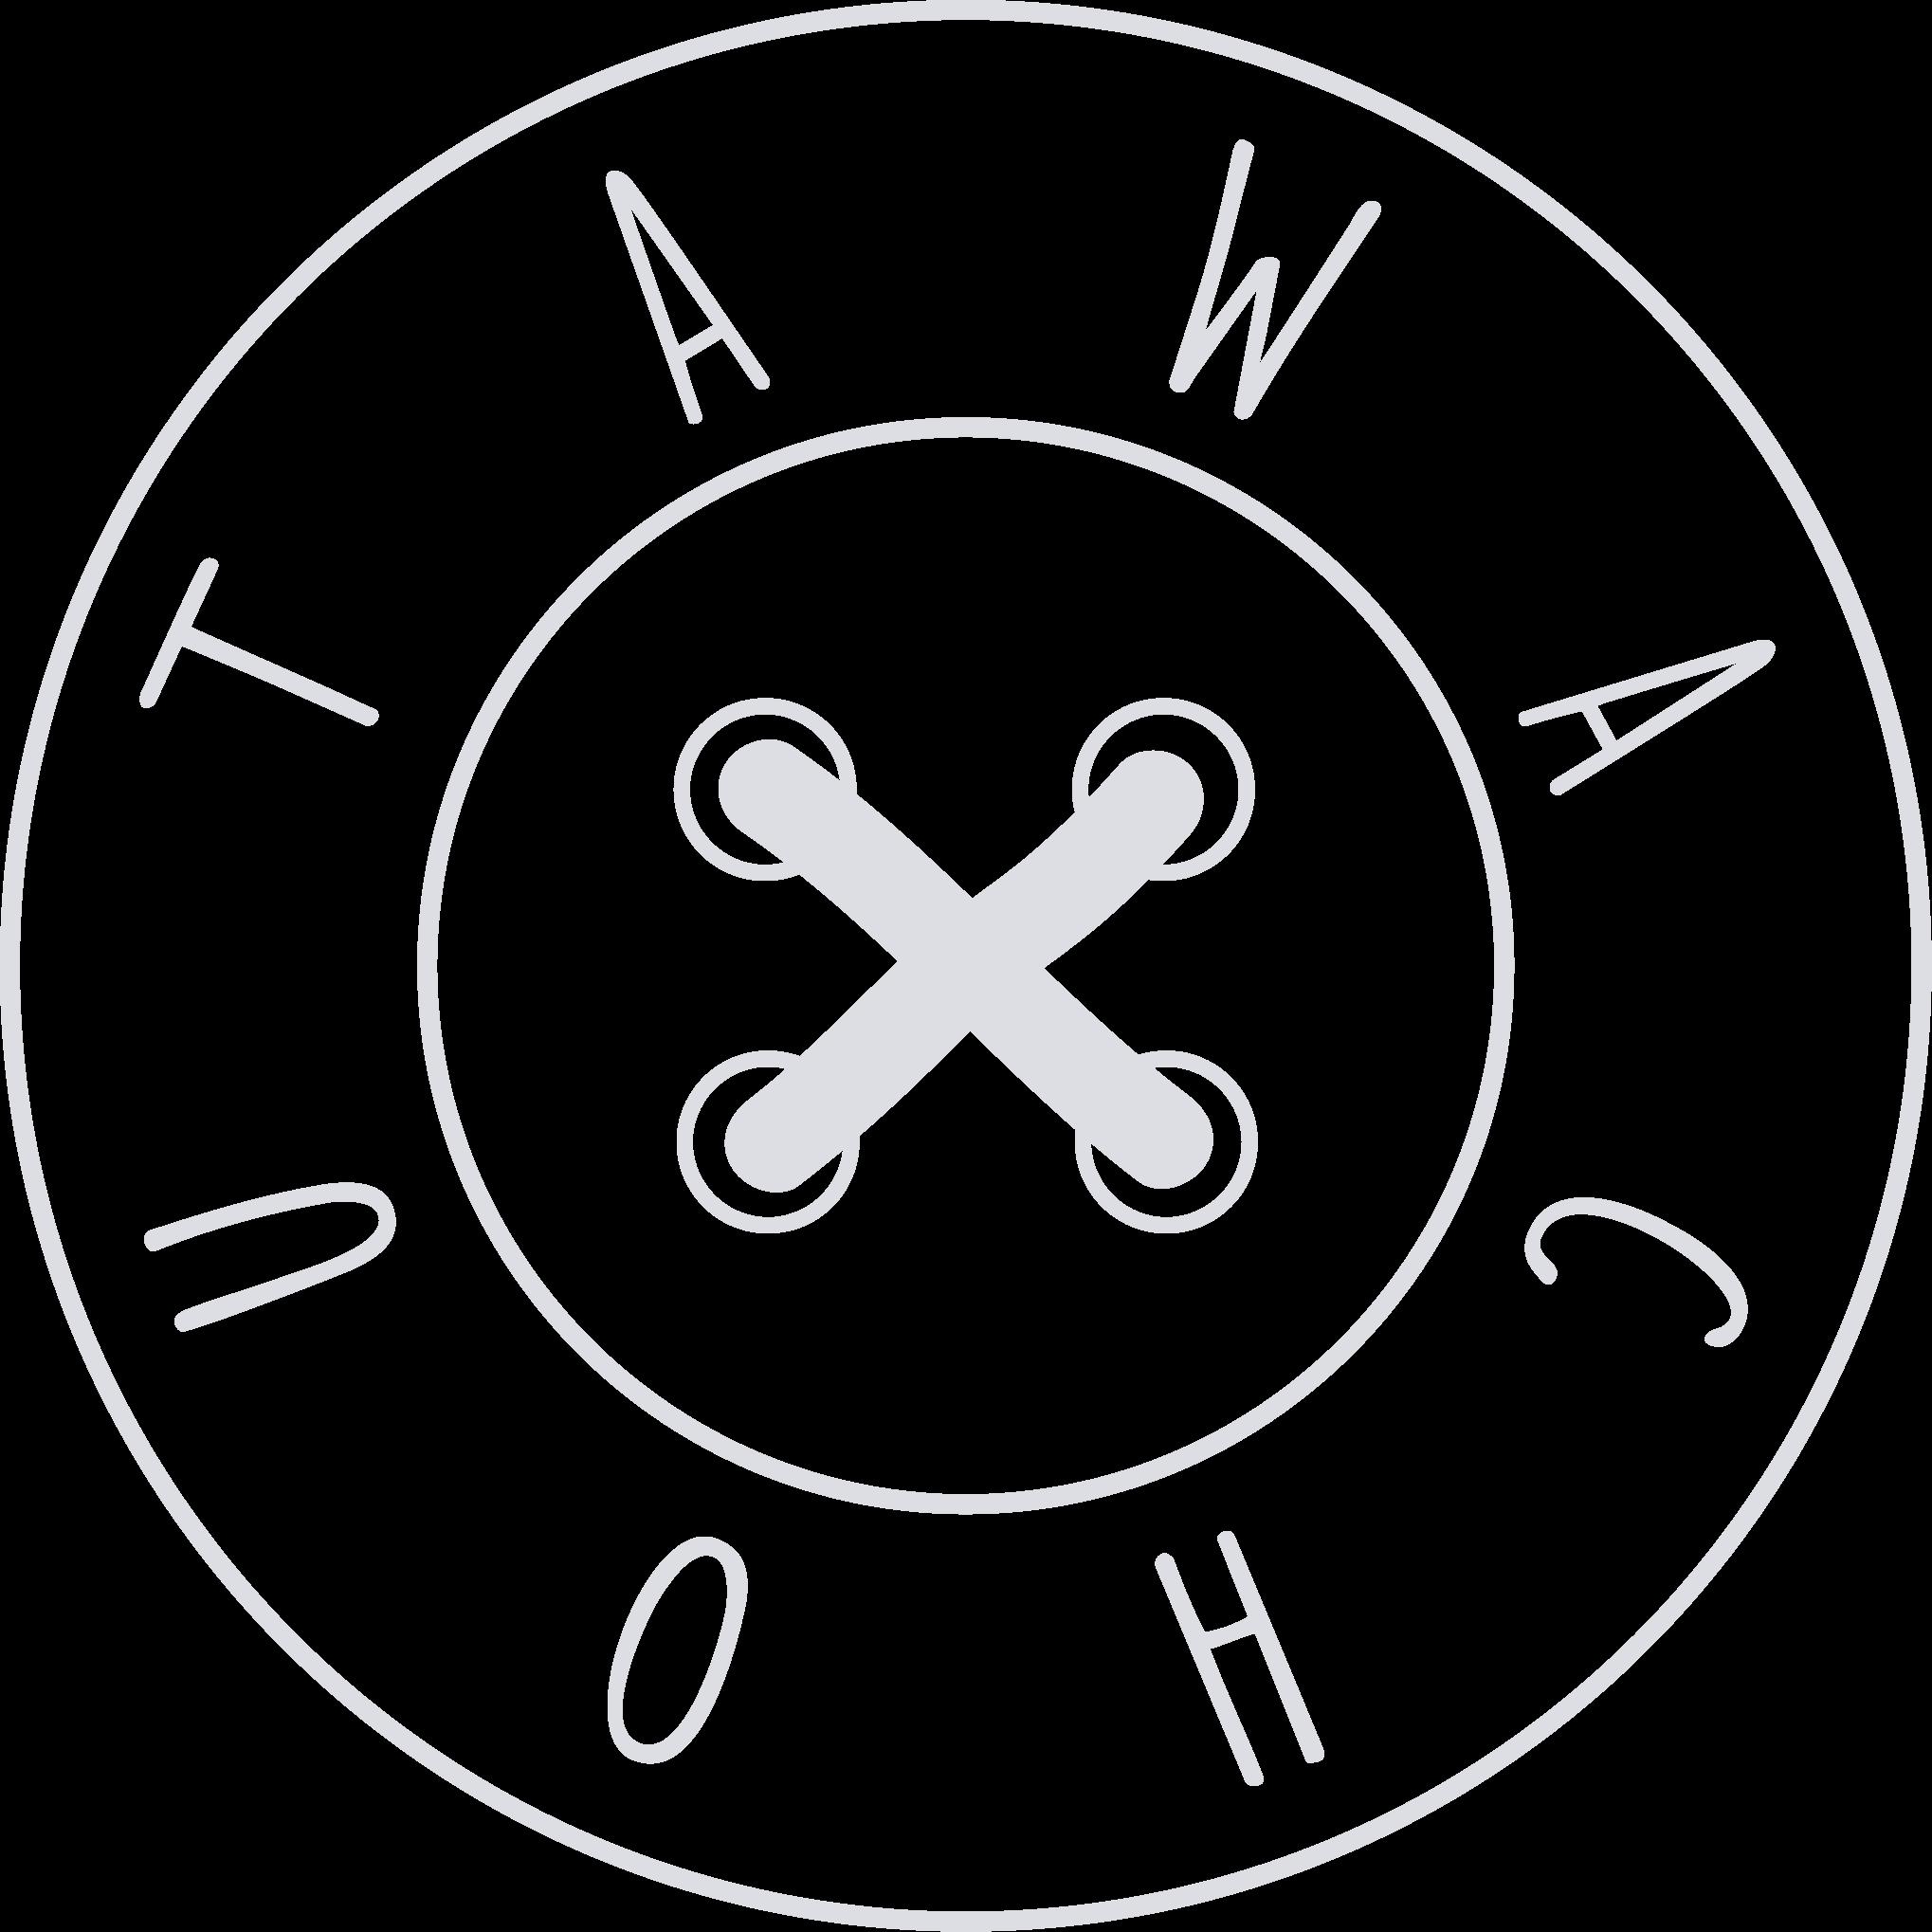 Tawachou Créations